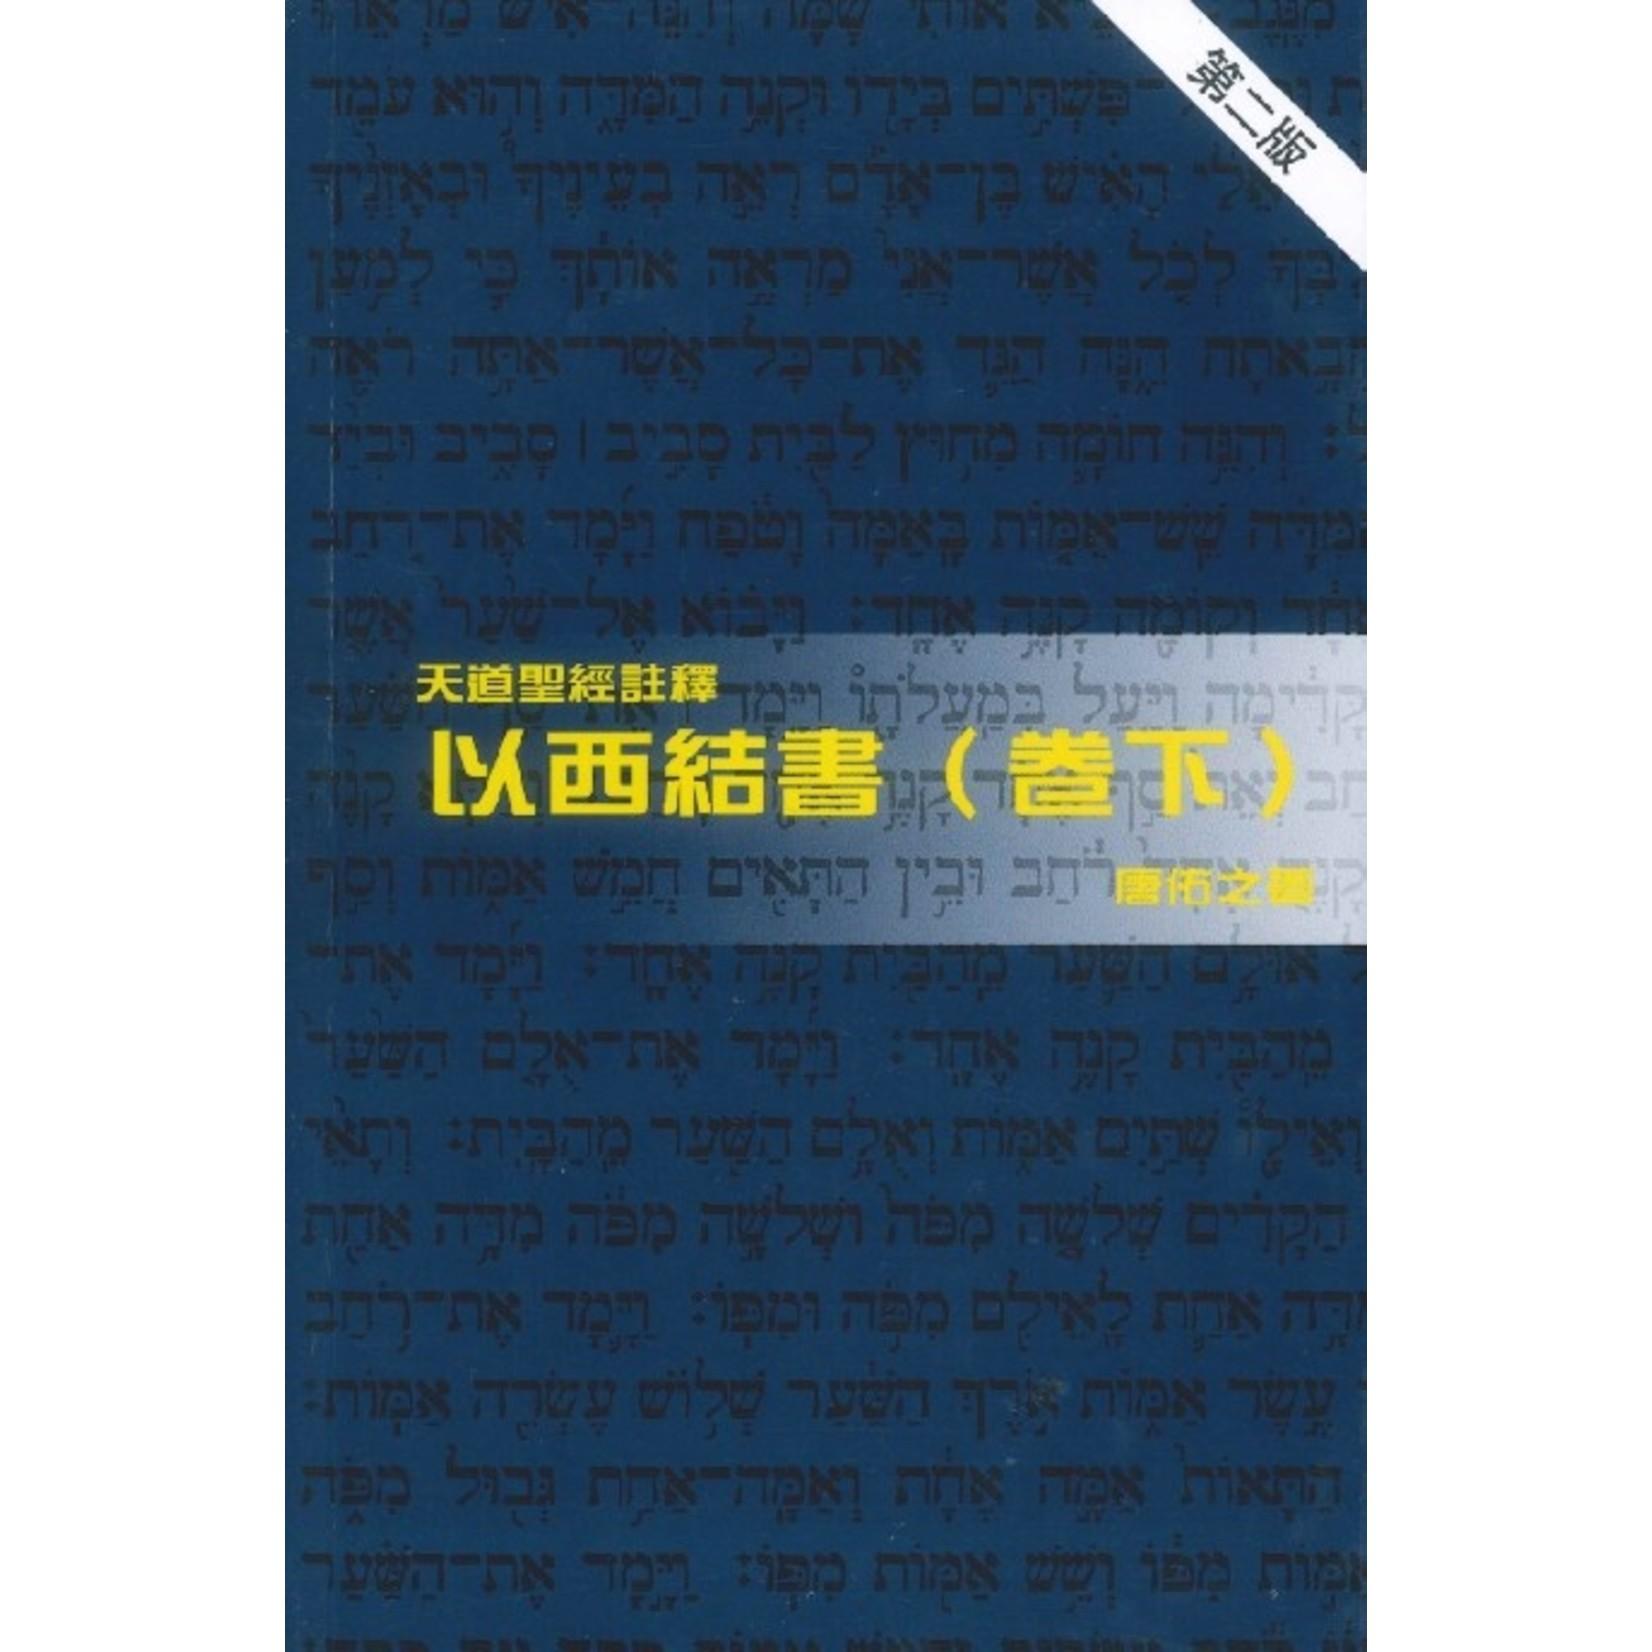 天道書樓 Tien Dao Publishing House 天道聖經註釋:以西結書(卷下)